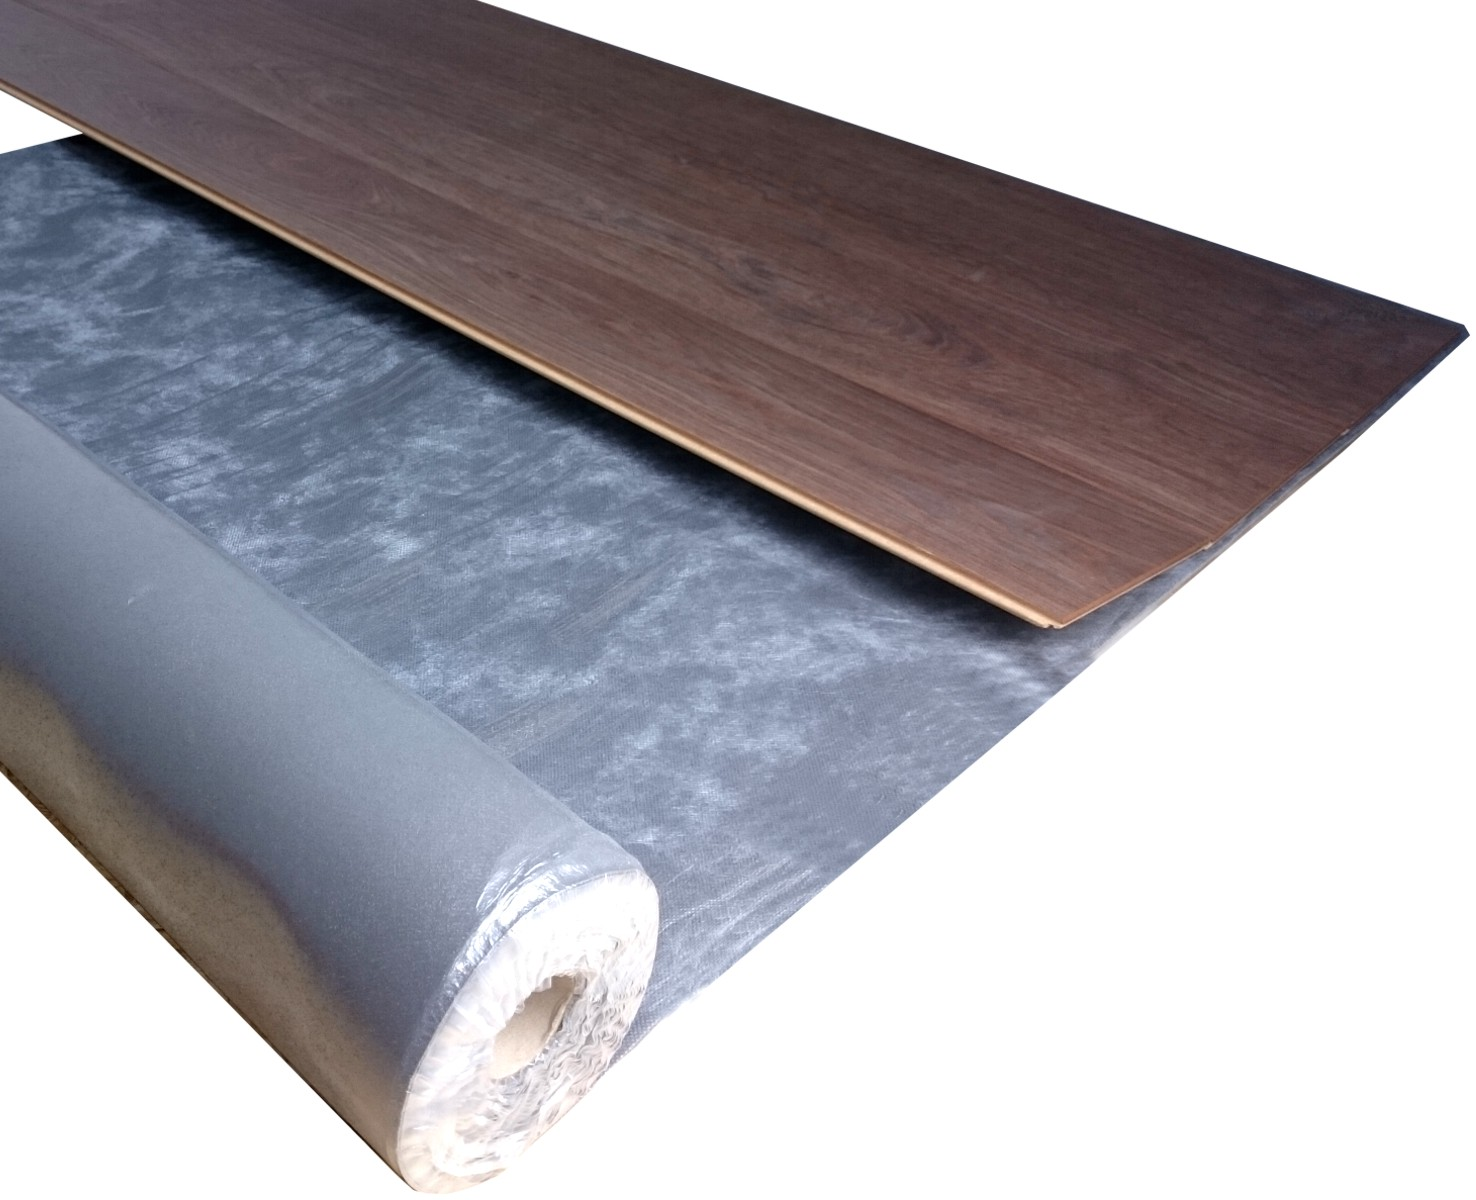 silent premium trittschalld mmungen f r fu bodenheizung wir machen b den leise. Black Bedroom Furniture Sets. Home Design Ideas